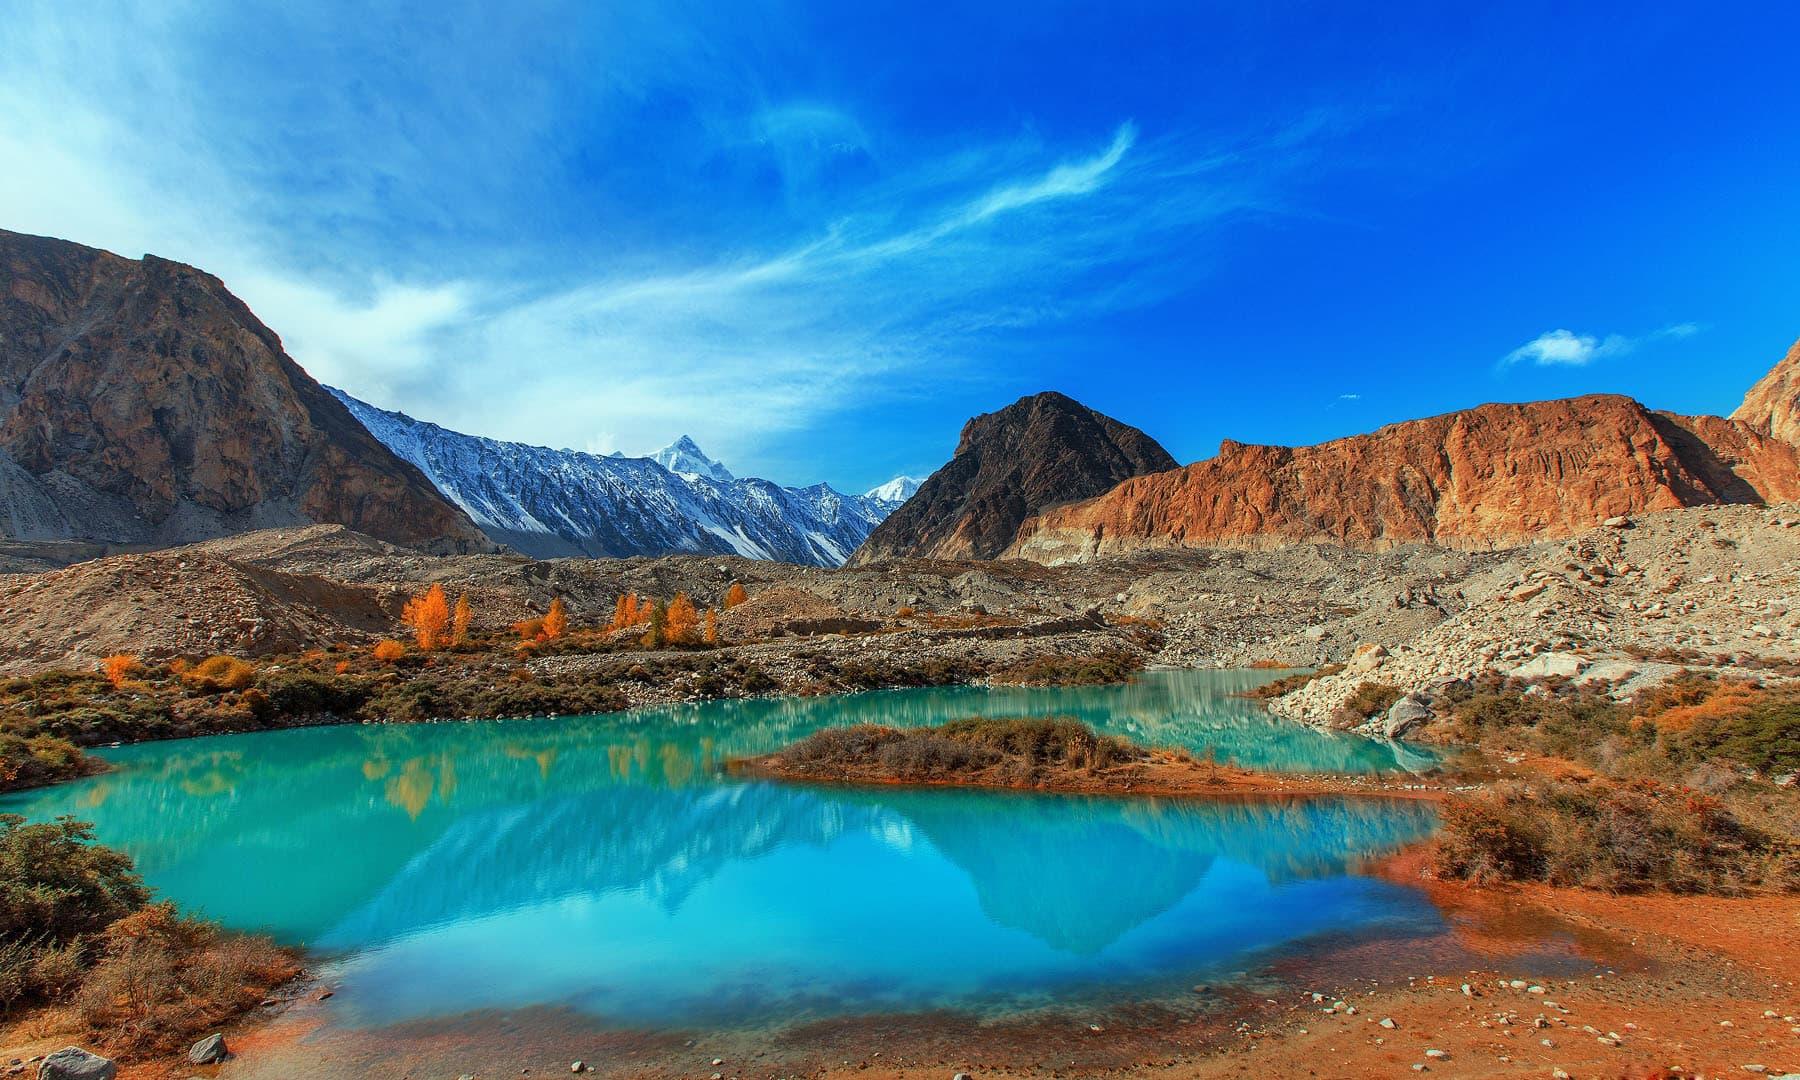 پسو گاؤں کے پاس بتورا گلیشیئر سے بننے والی جھیل — فوٹو بشکریہ سید مہدی بخاری